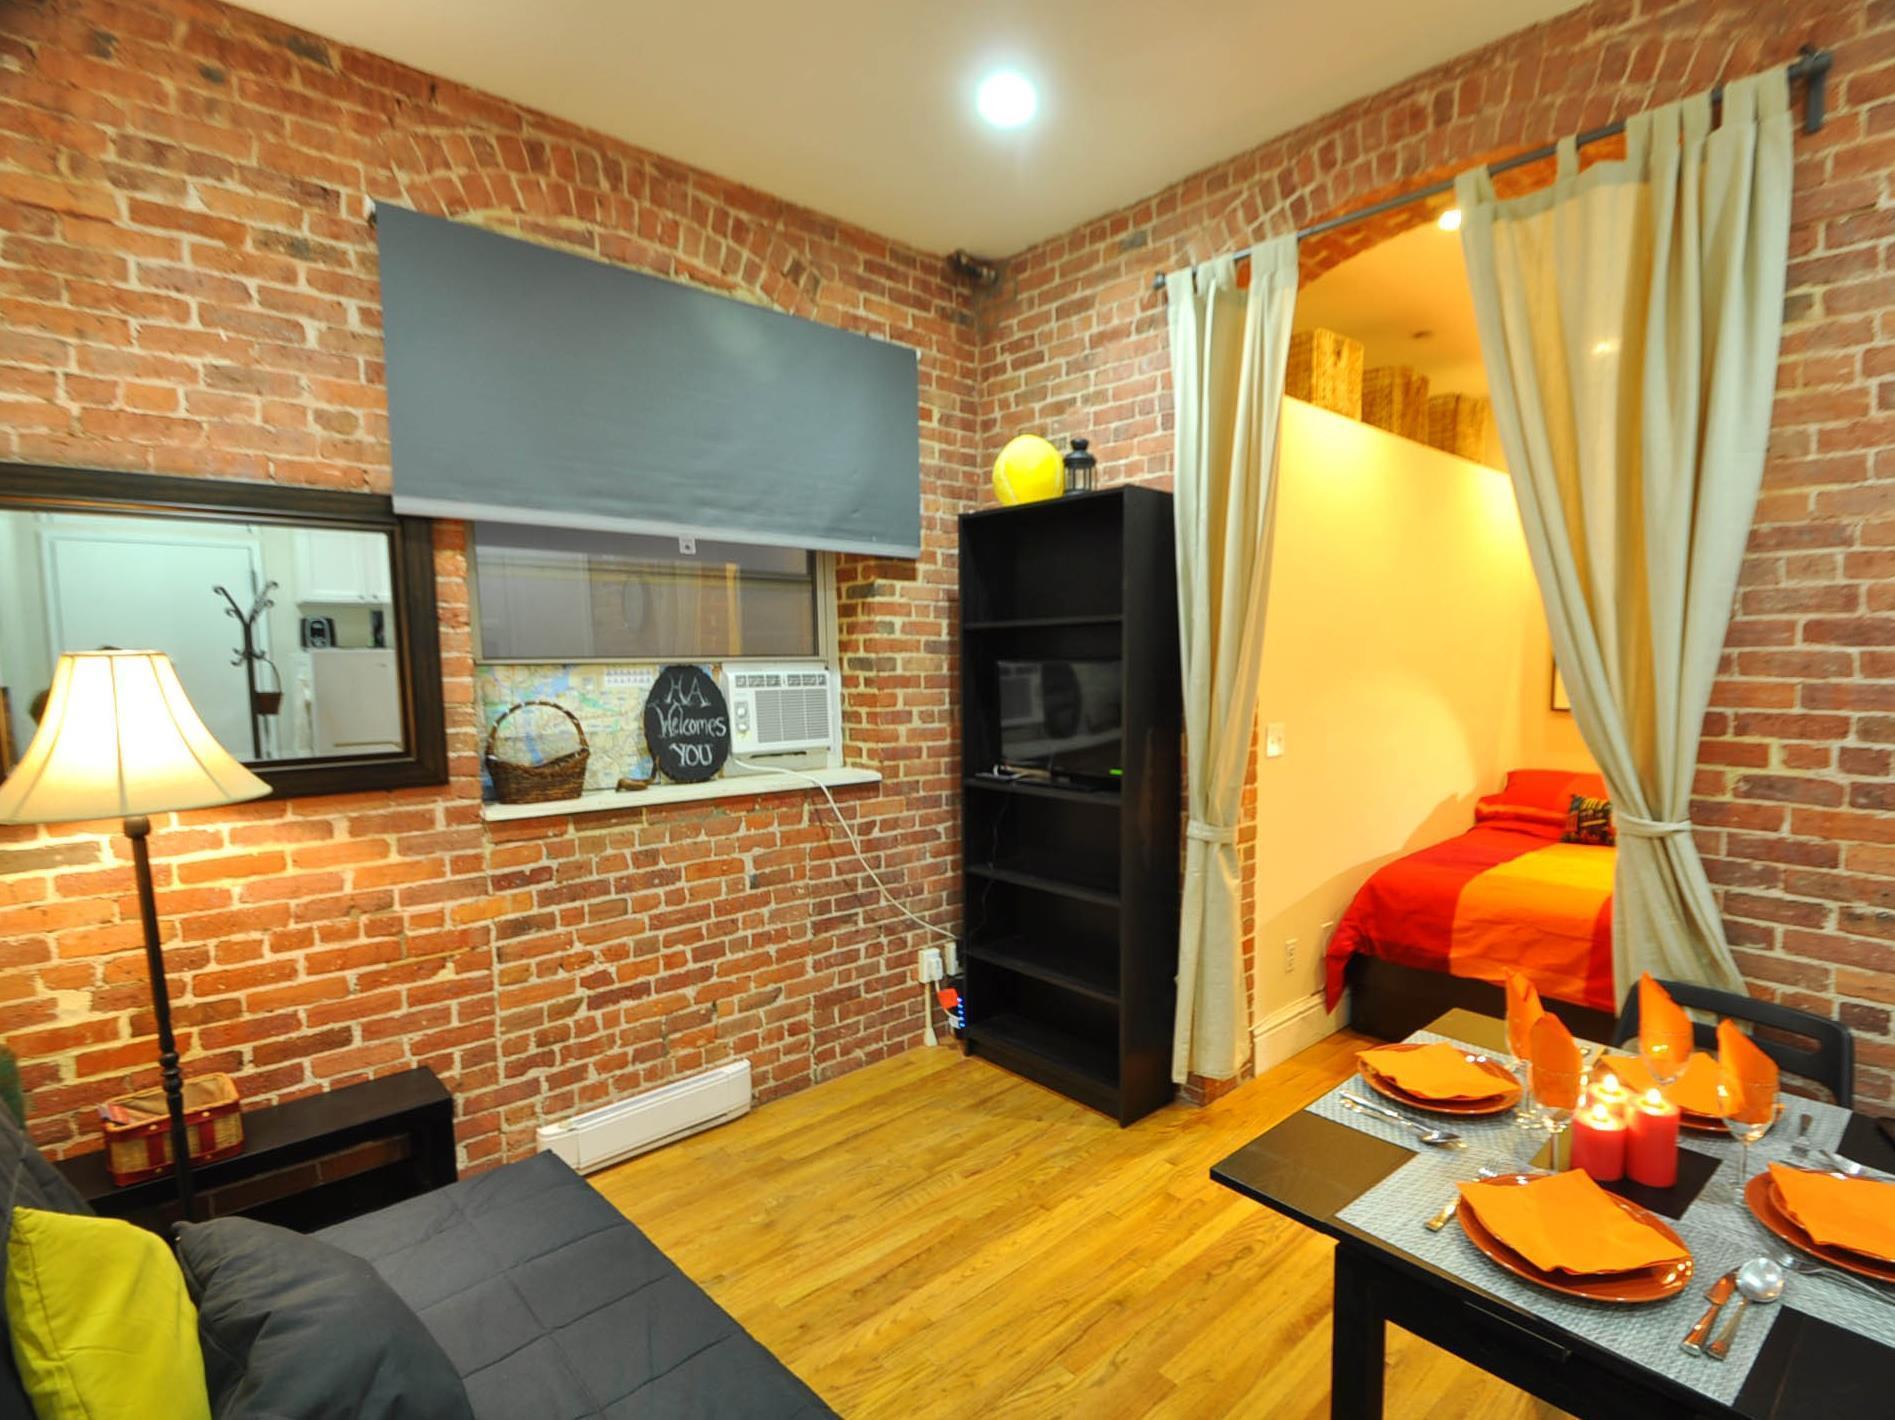 The Cozy Studio